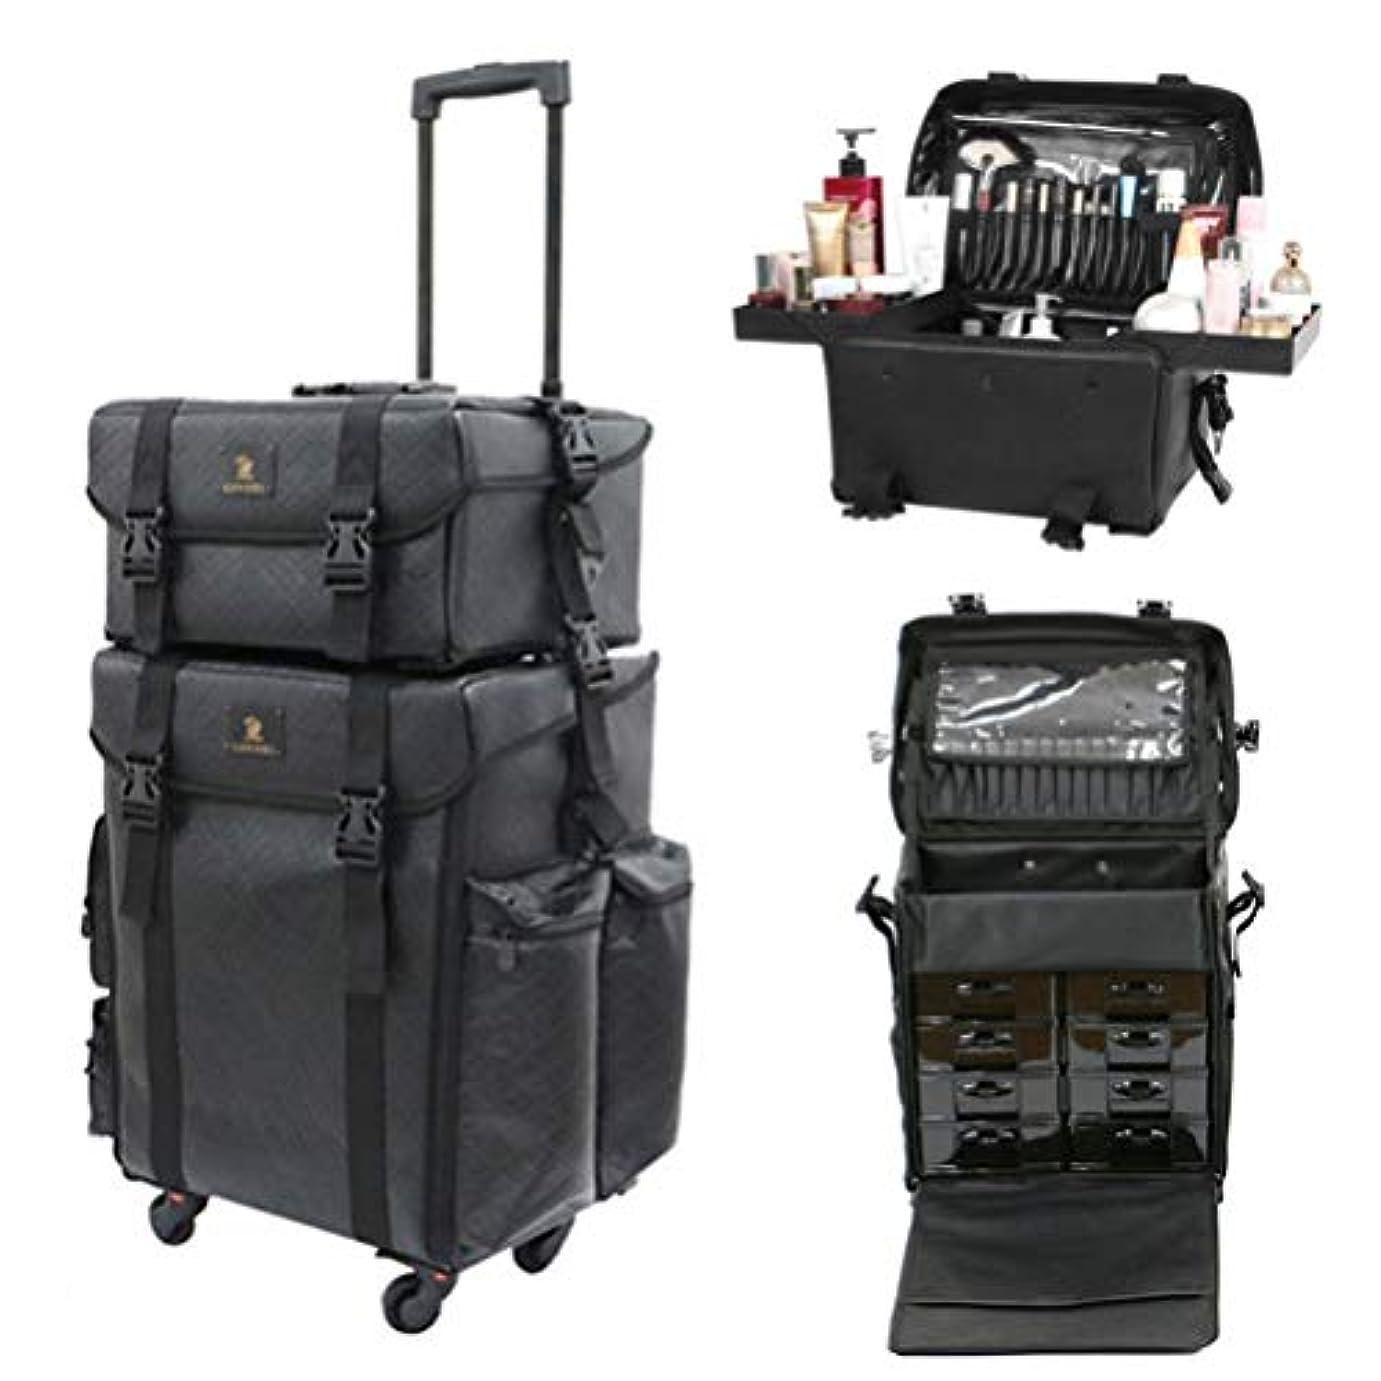 欠如感じ議題LUVODI メイクボックス 大容量 プロ コスメボックス 旅行 引き出し 化粧品収納 メイクキャリーケース 美容師 化粧箱 防水 レザー 黒